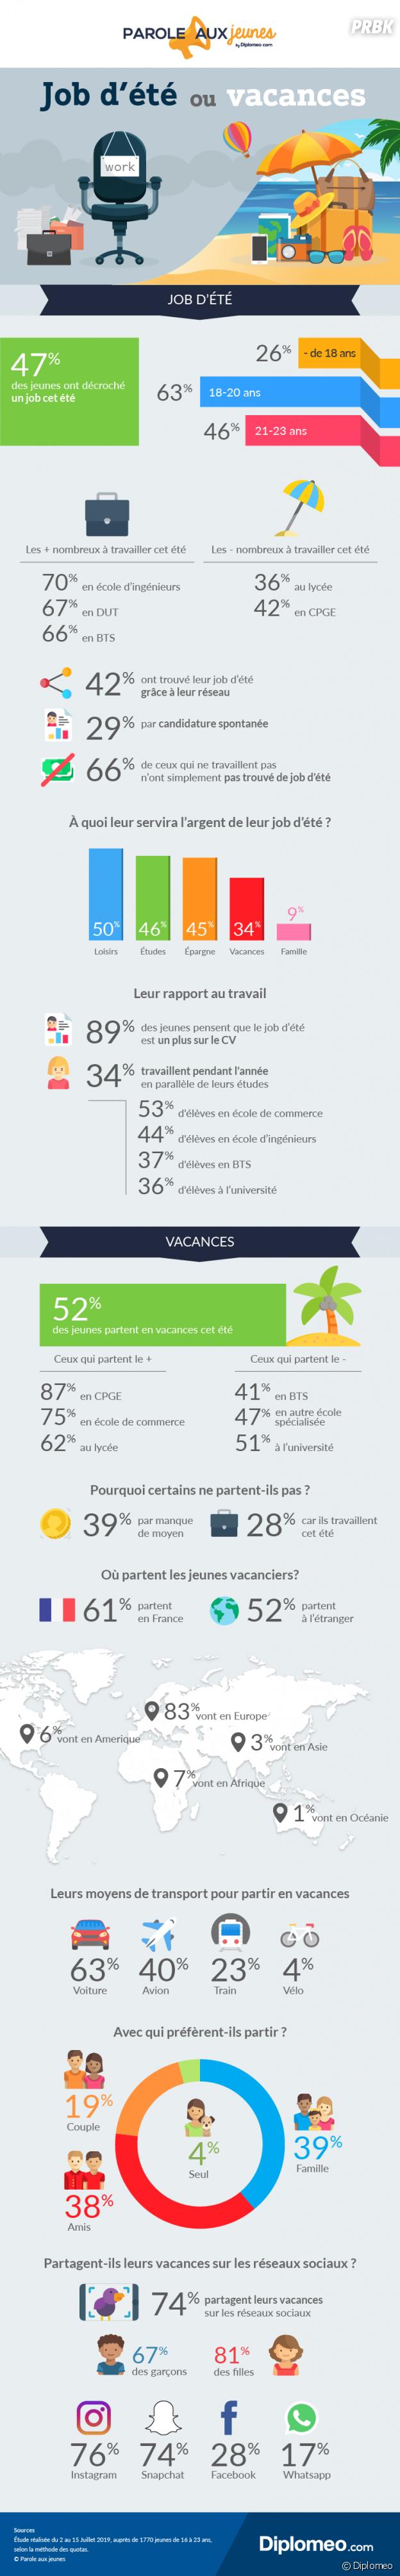 Jobs d'été : moins d'un jeune sur deux travaille cet été, un chiffre en baisse